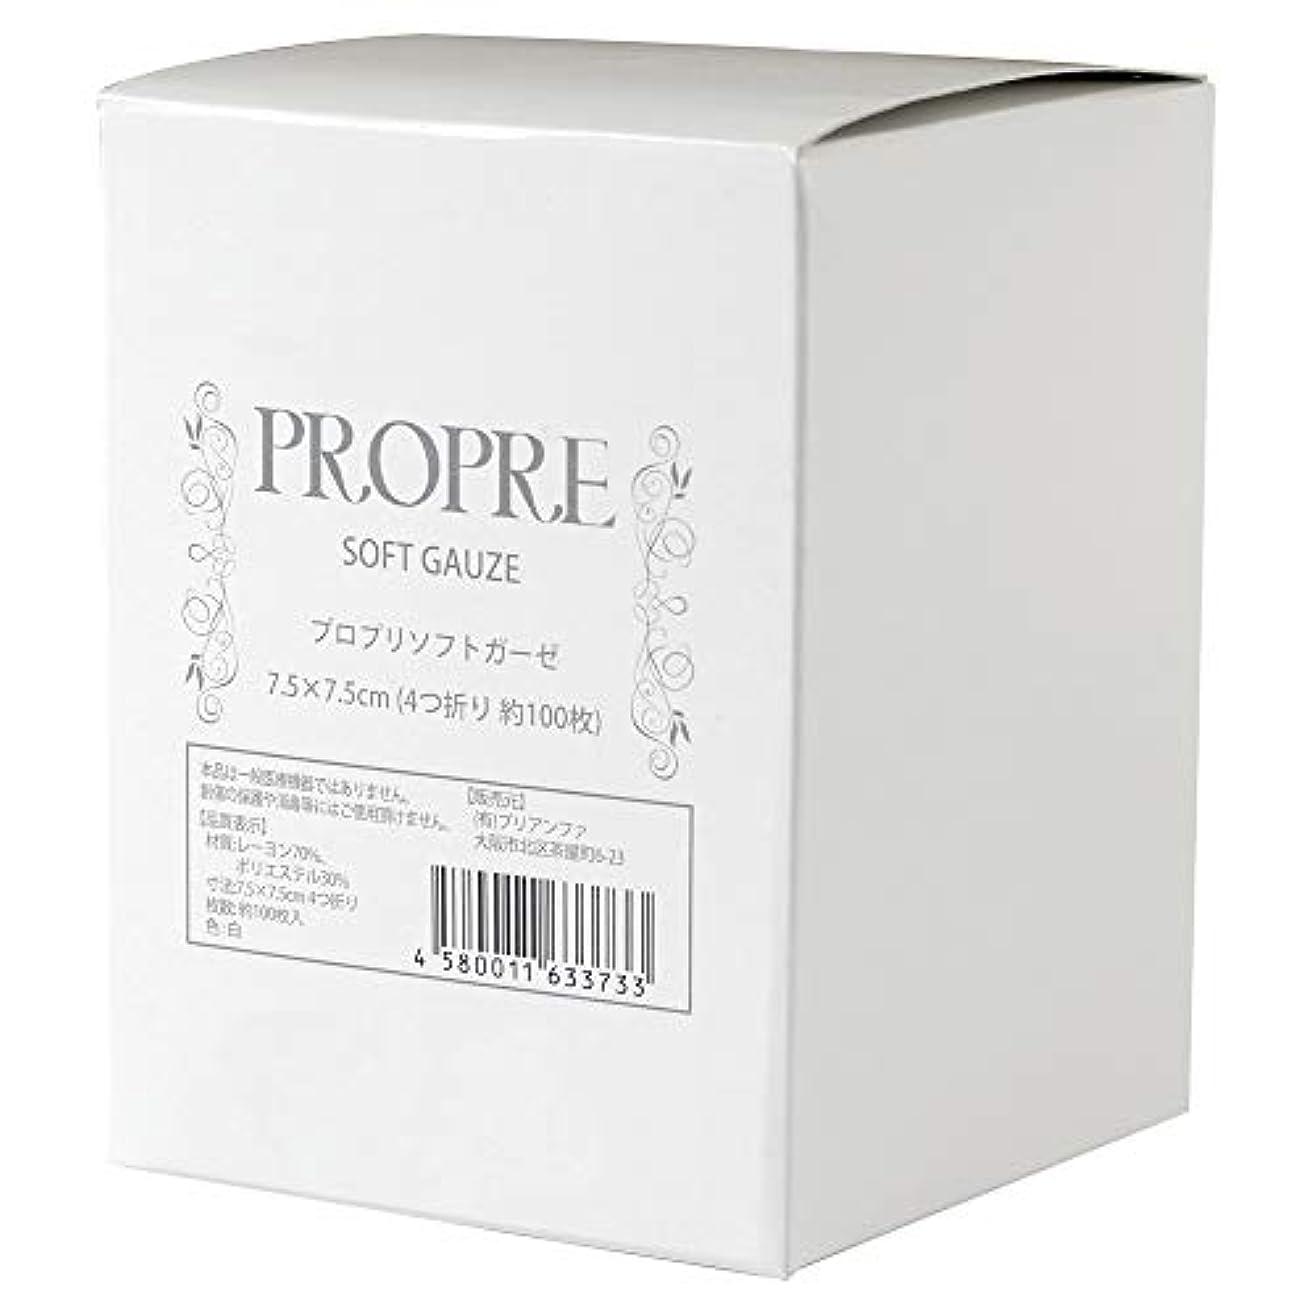 失礼な学部提供するPREANFA (プリアンファ) PRE GEL PROPREソフトガーゼ100枚